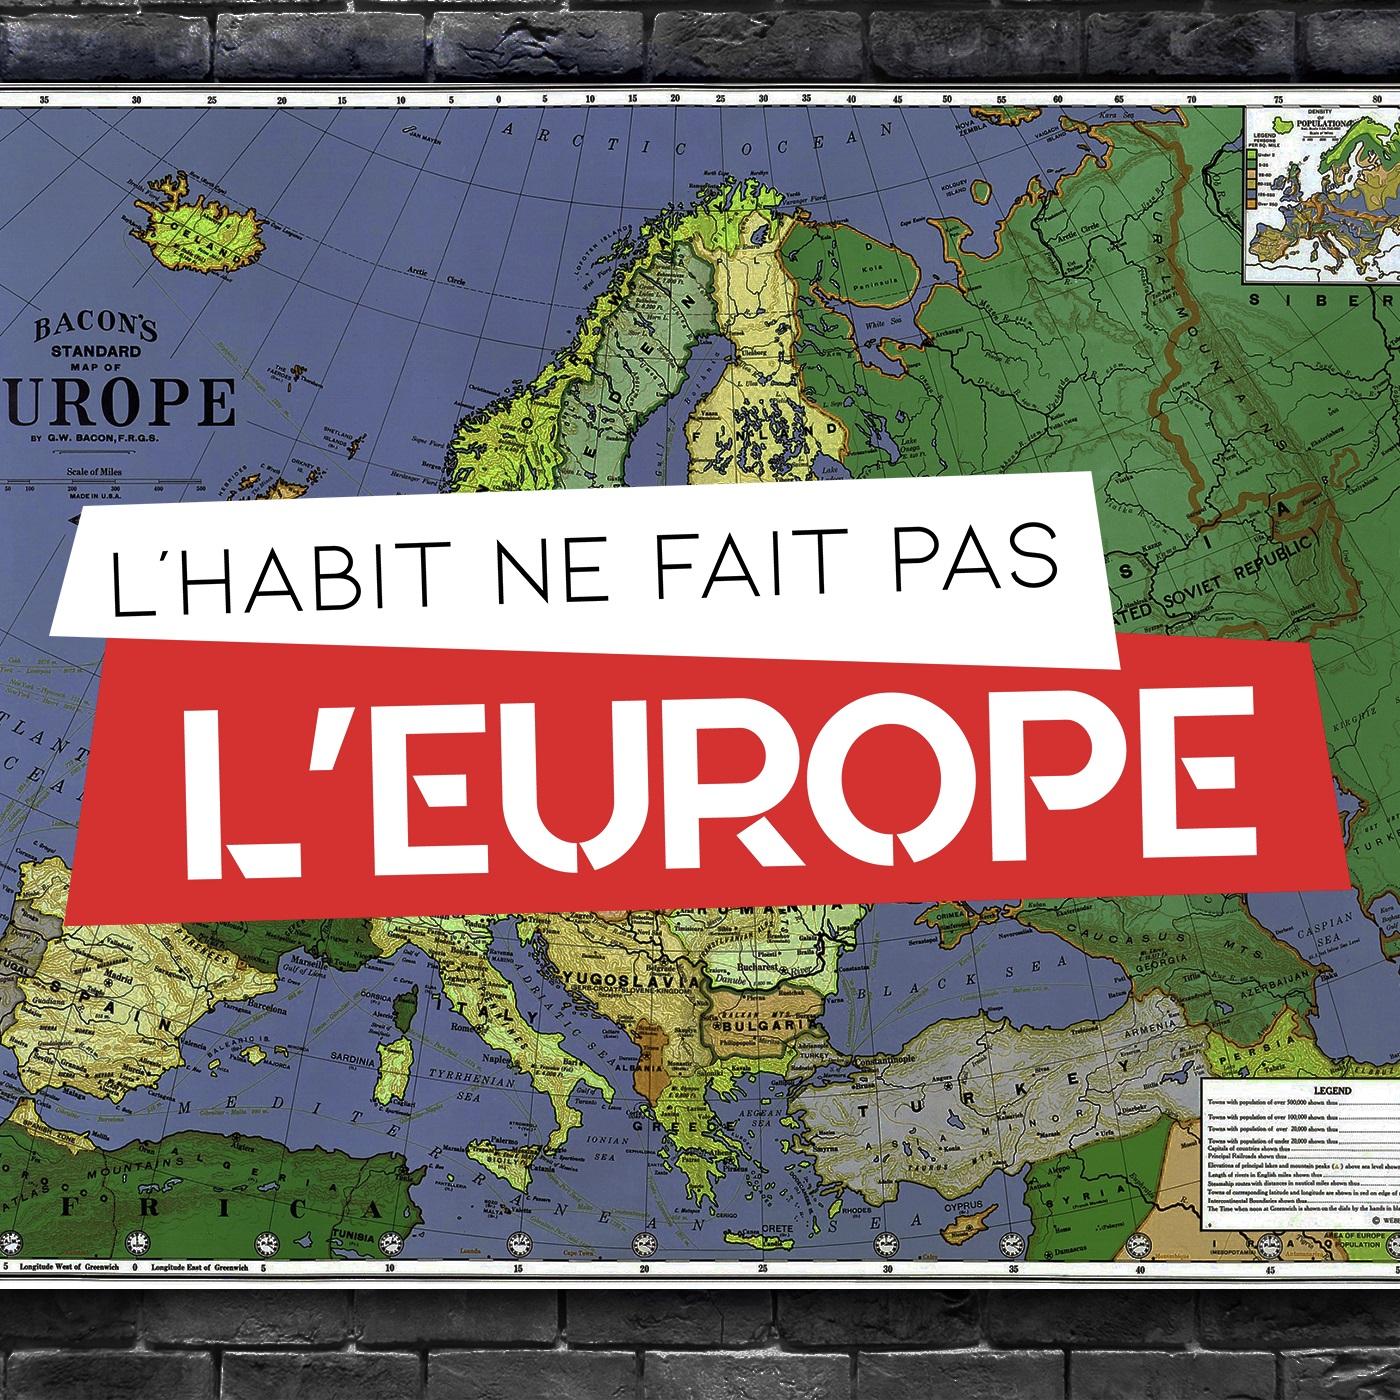 L'habit ne fait pas l'Europe